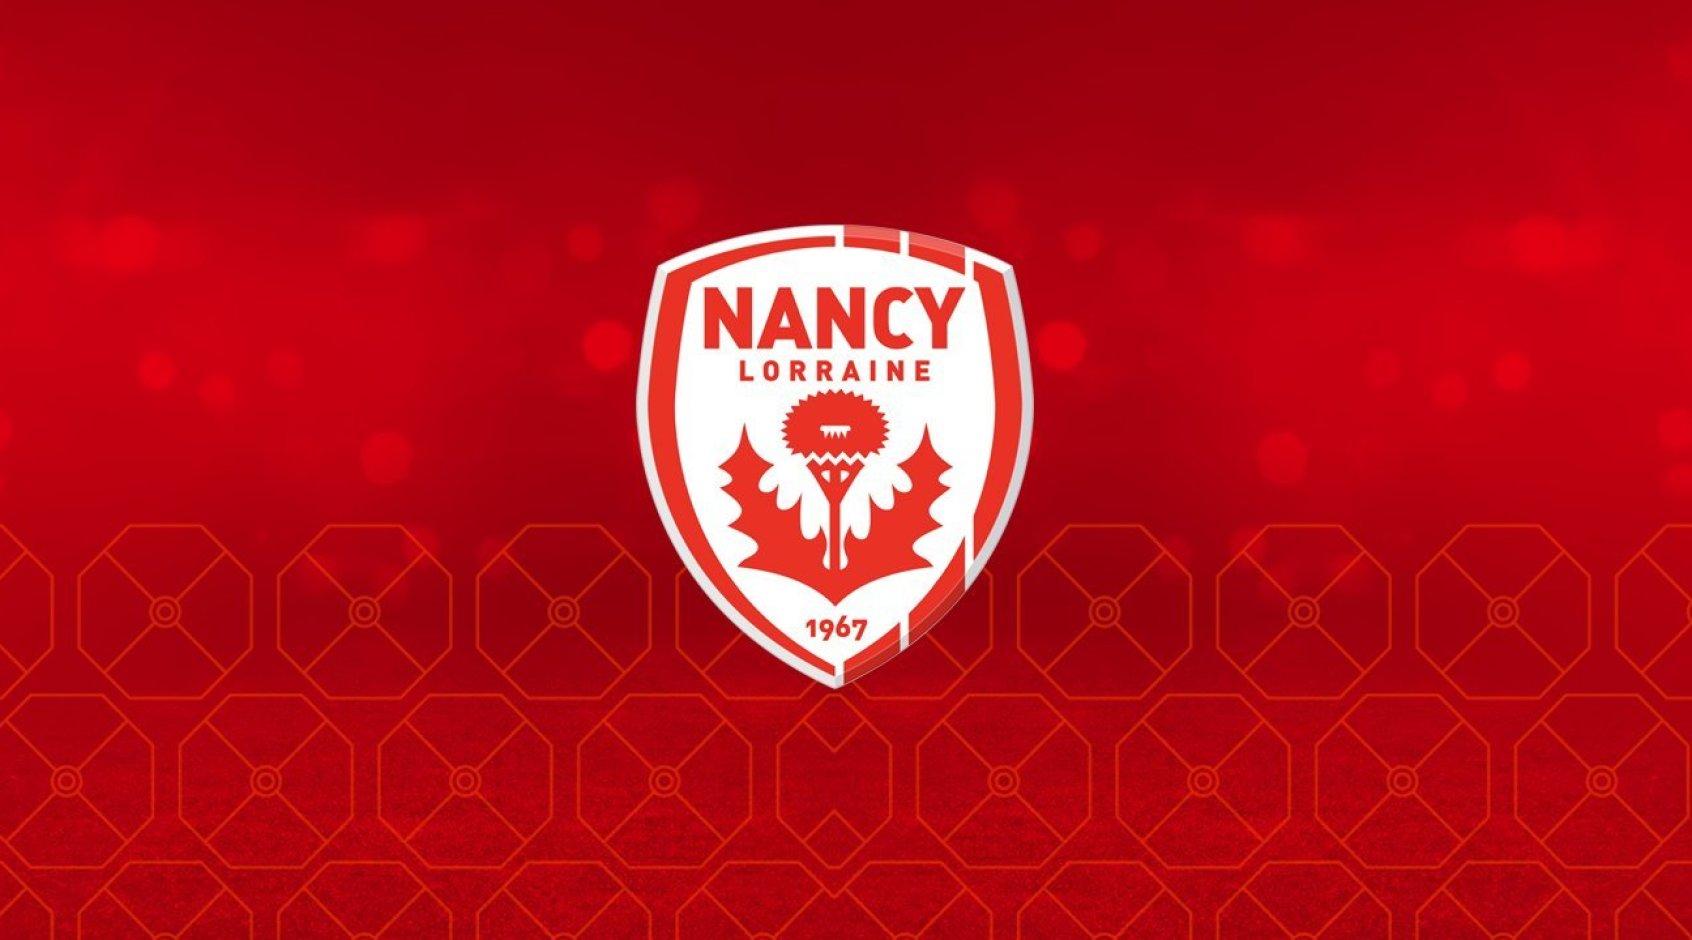 """New City Capital Group покупает французский """"Нанси"""", чтобы расширить футбольную империю"""